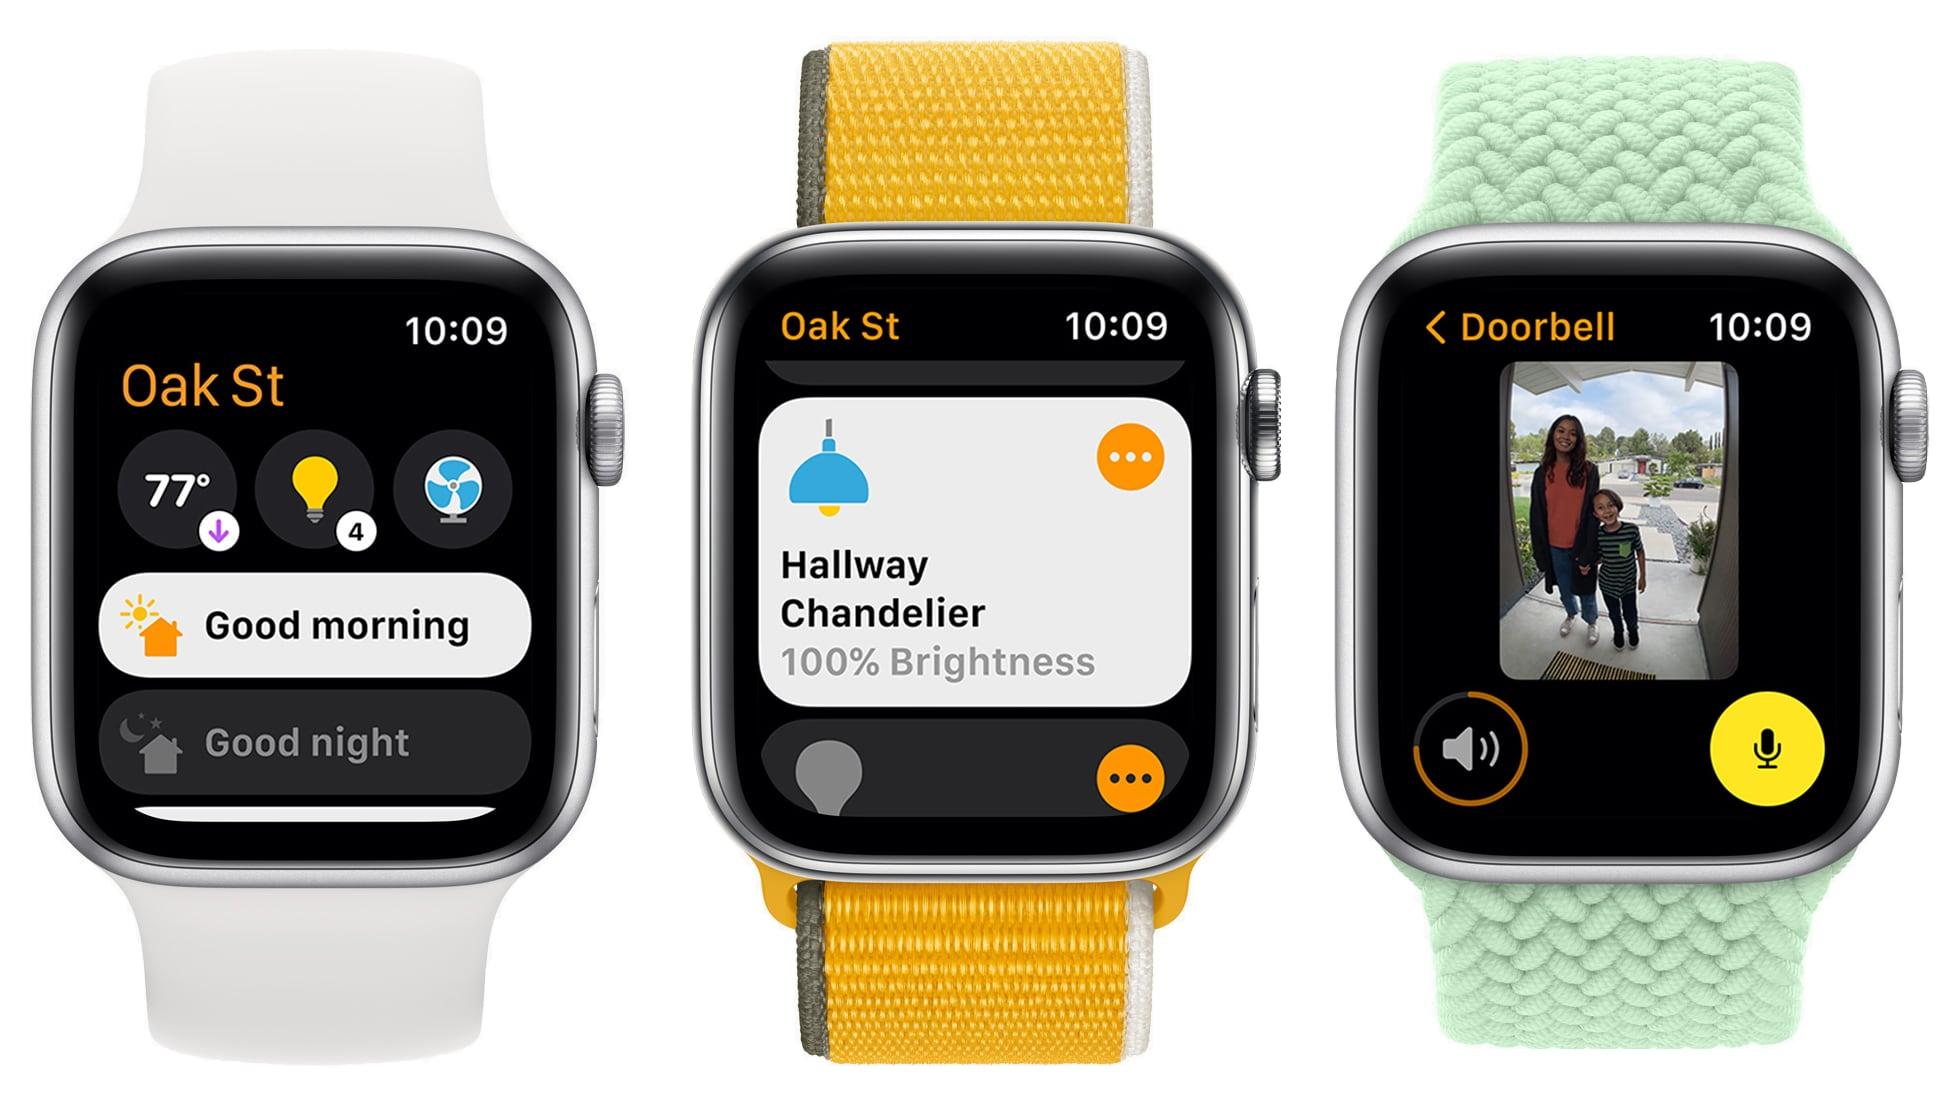 watchos 8 home app redesign